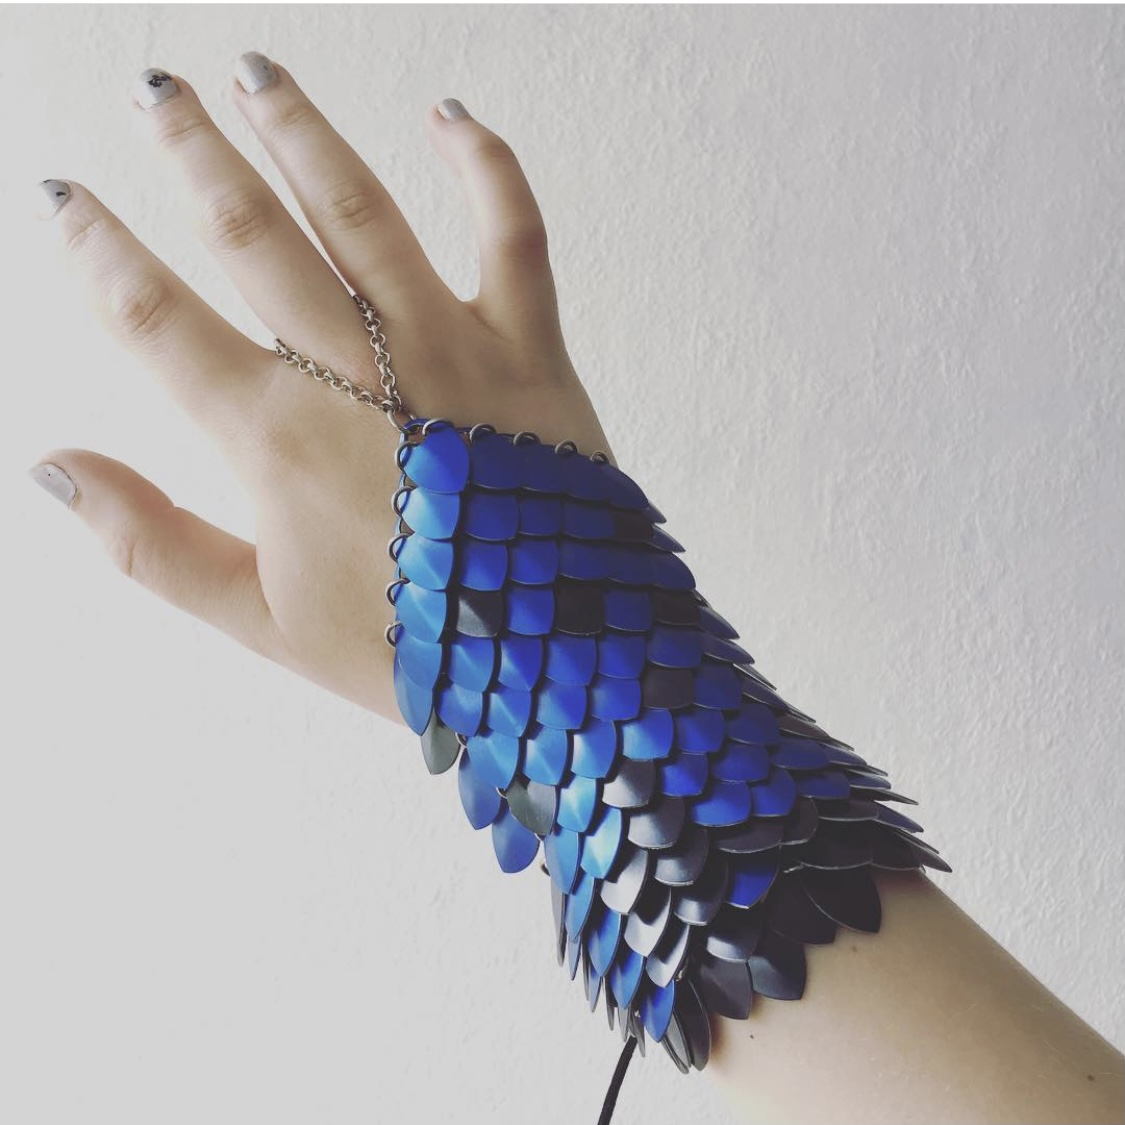 Drakenschubben handschoen Dragon Scales Cosplay